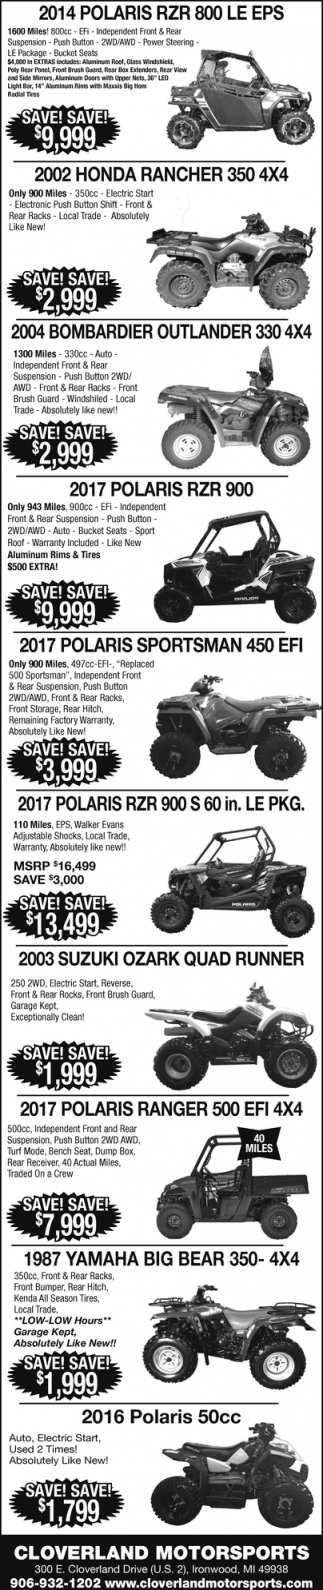 Polaris, Honda, Bombardier, Suzuki, Yamaha